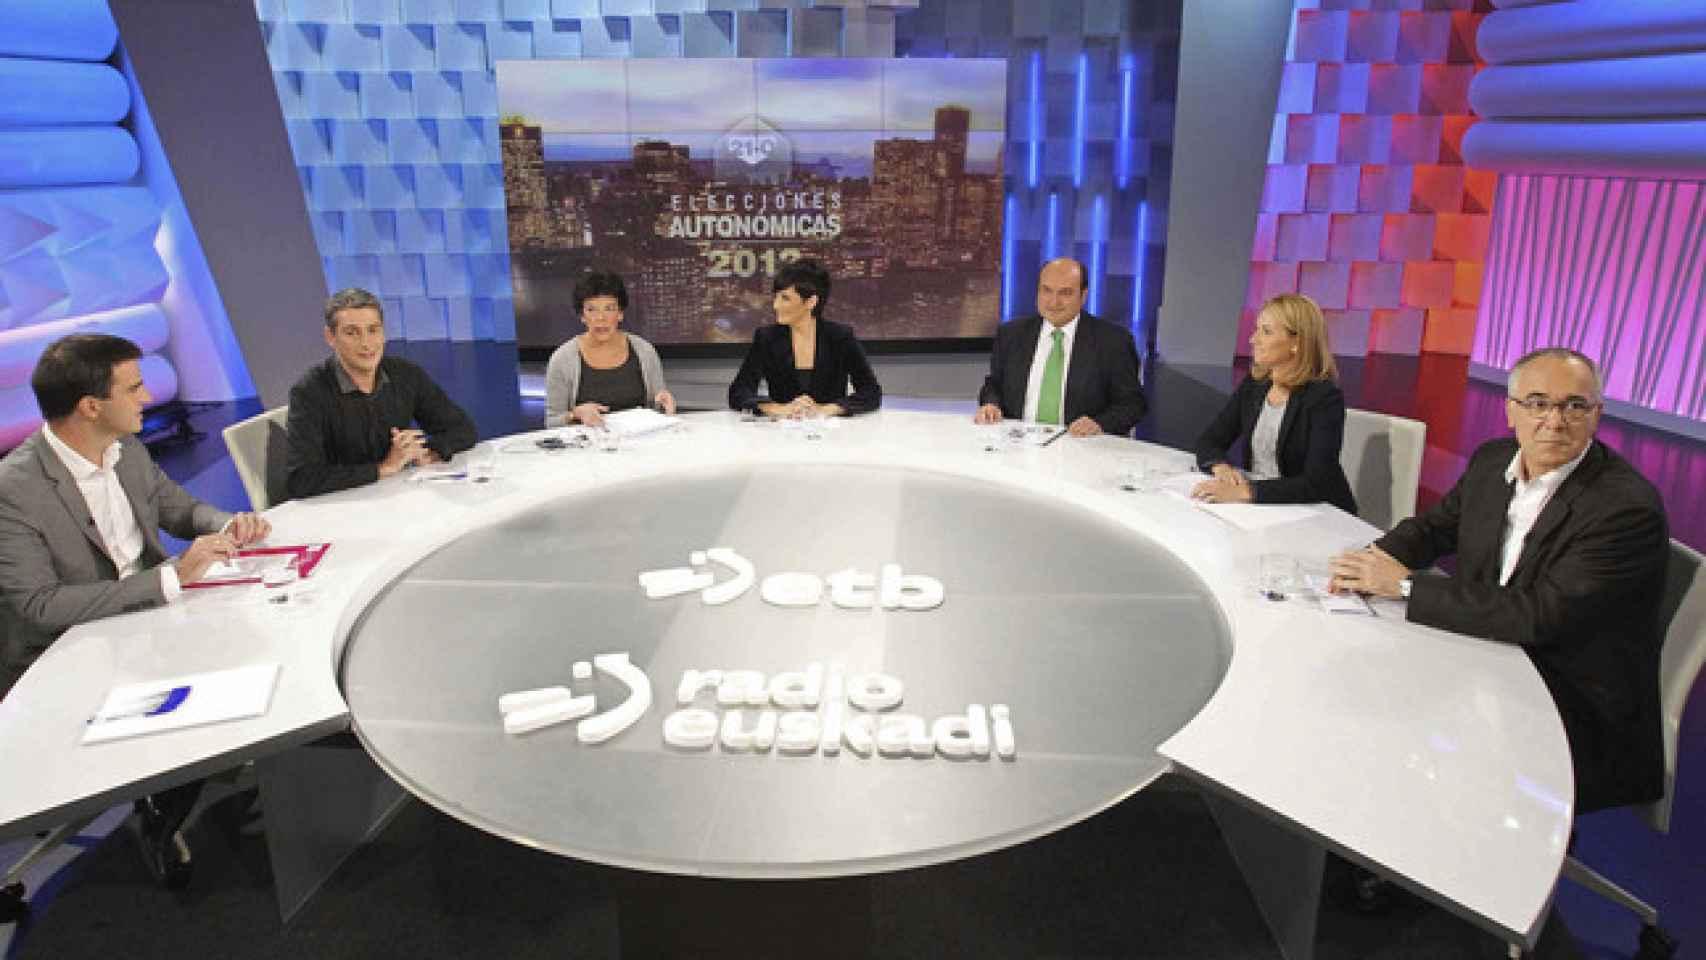 Debate en ETB durantes las últimas elecciones autonómicas. / EFE